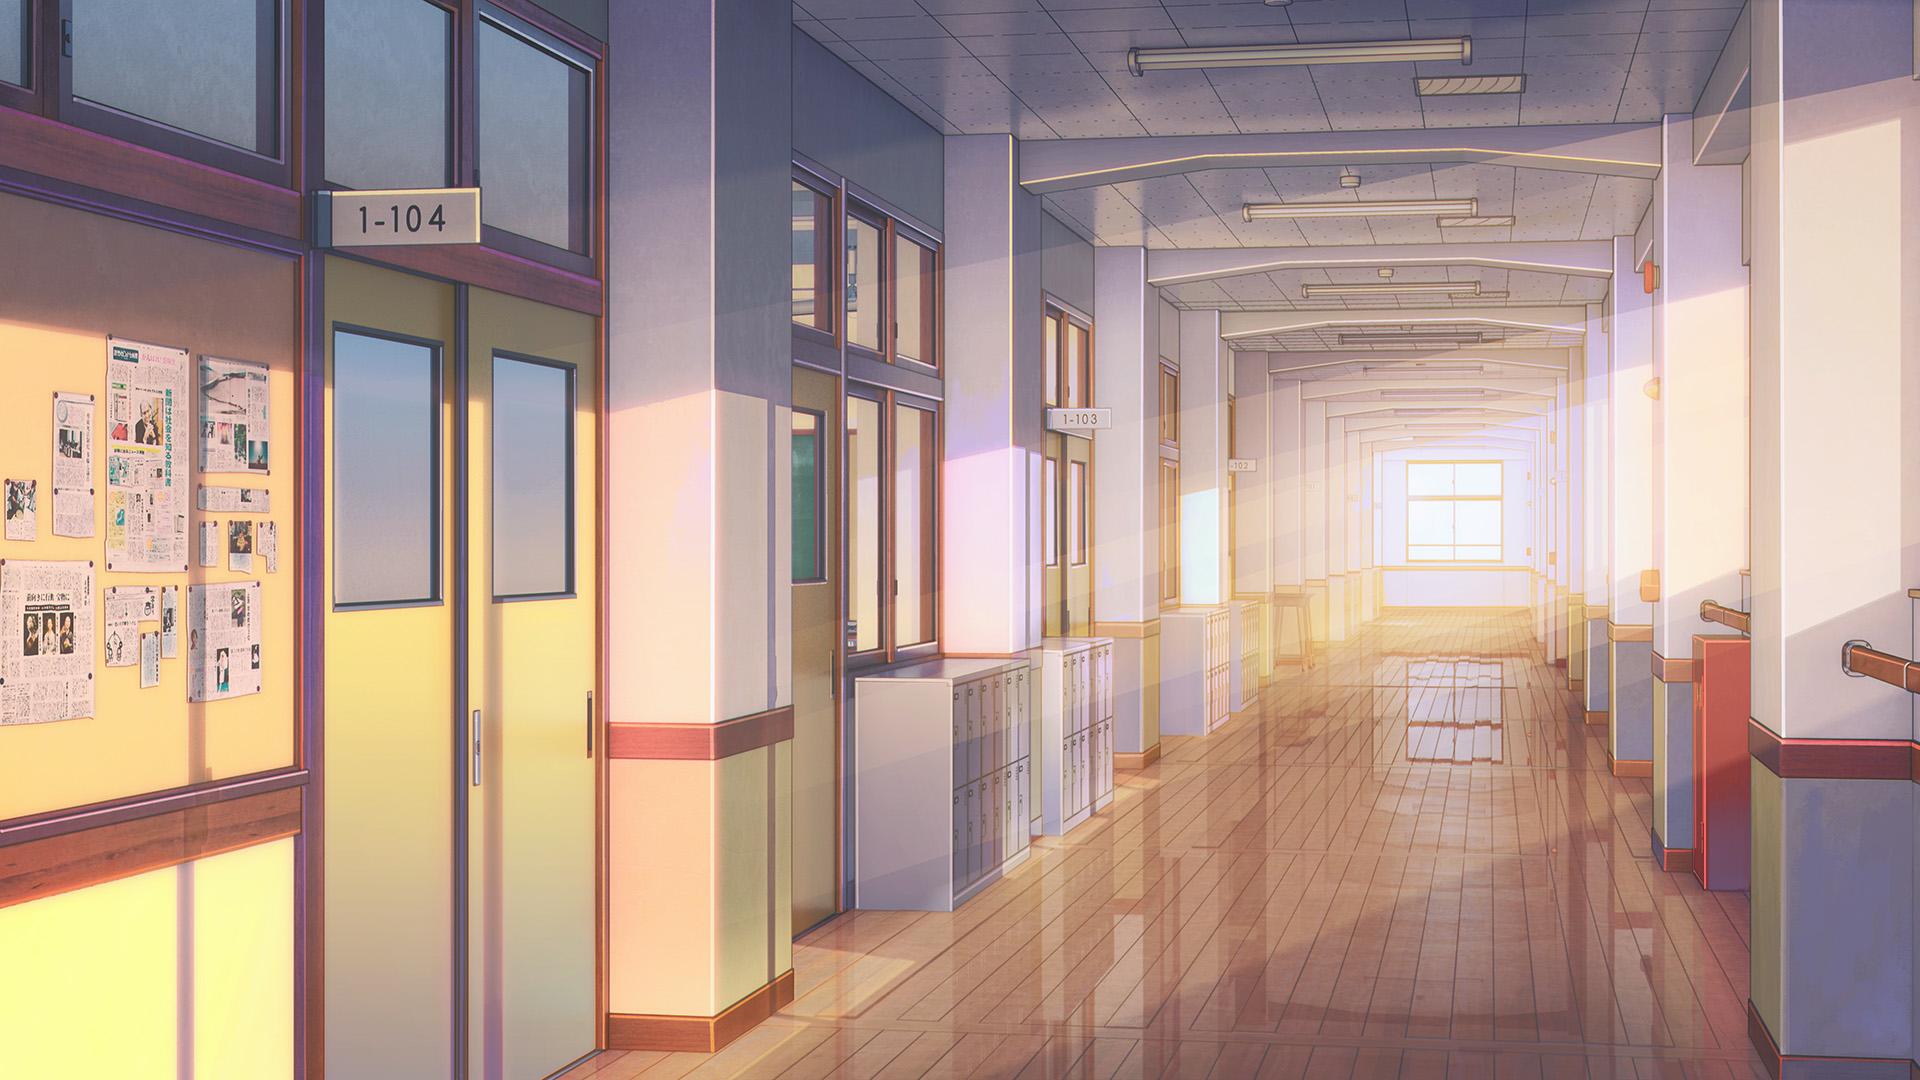 большим картинки японская школа внутри квалифицируются наружной величине